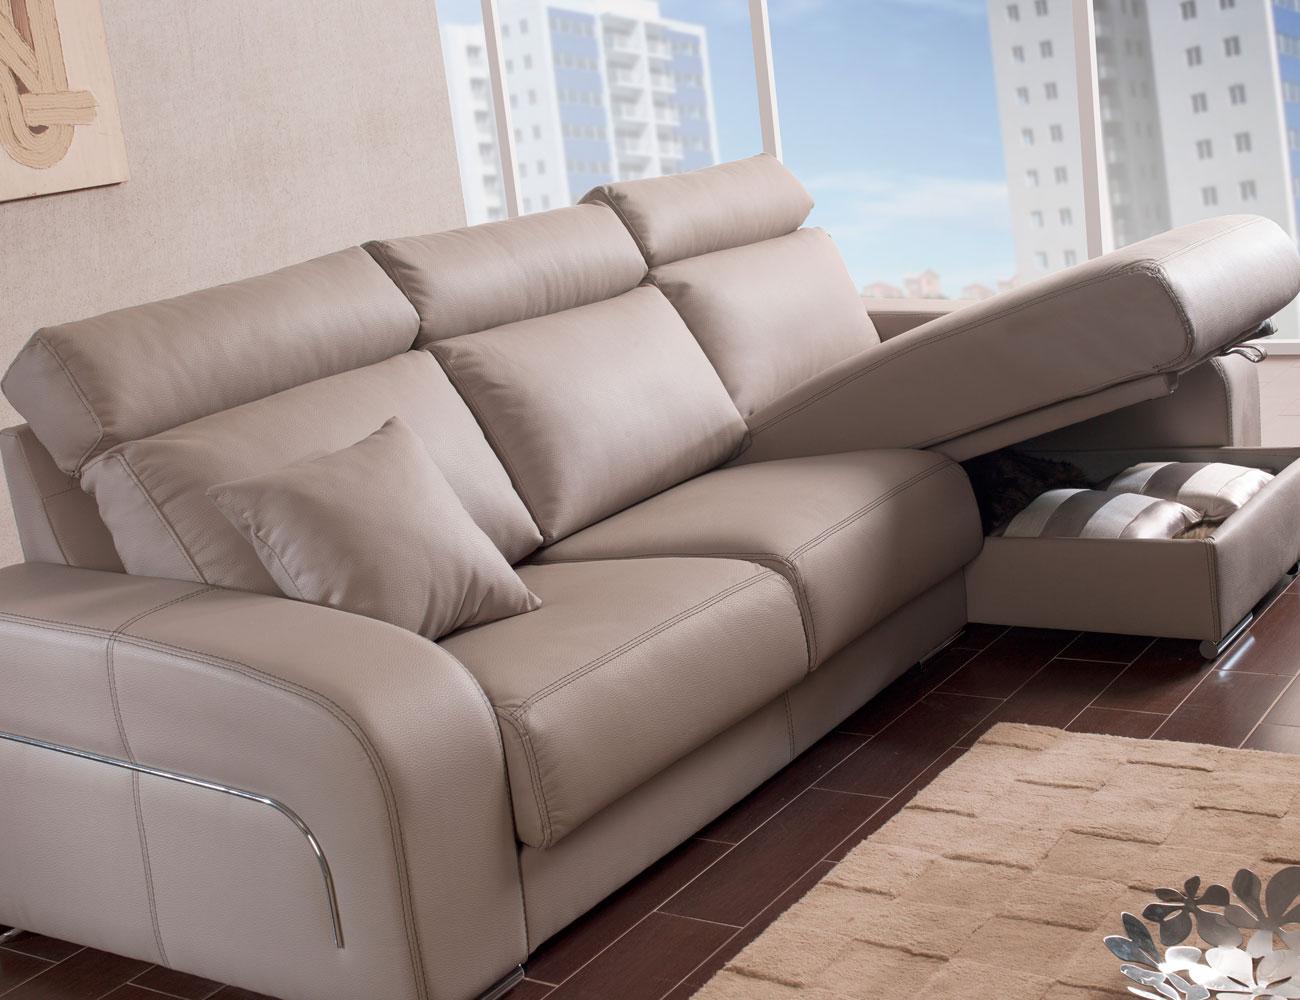 Sofa chaiselongue moderno pared cero arcon15